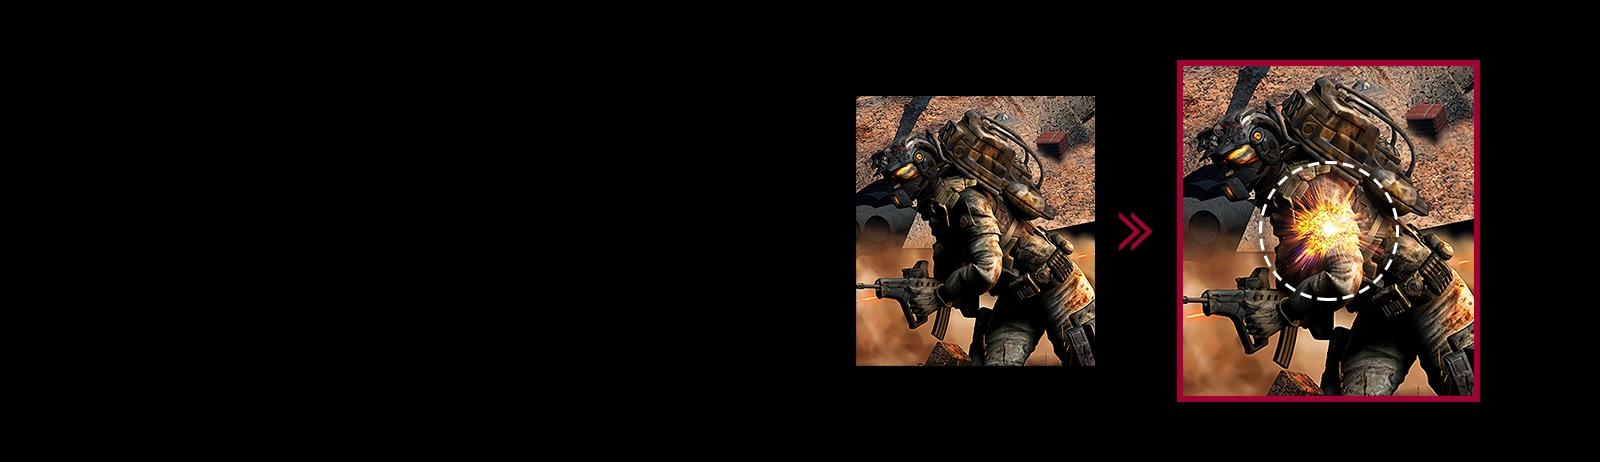 Cảnh chơi game với độ trễ đầu vào được giảm thiểu so với chế độ thông thường